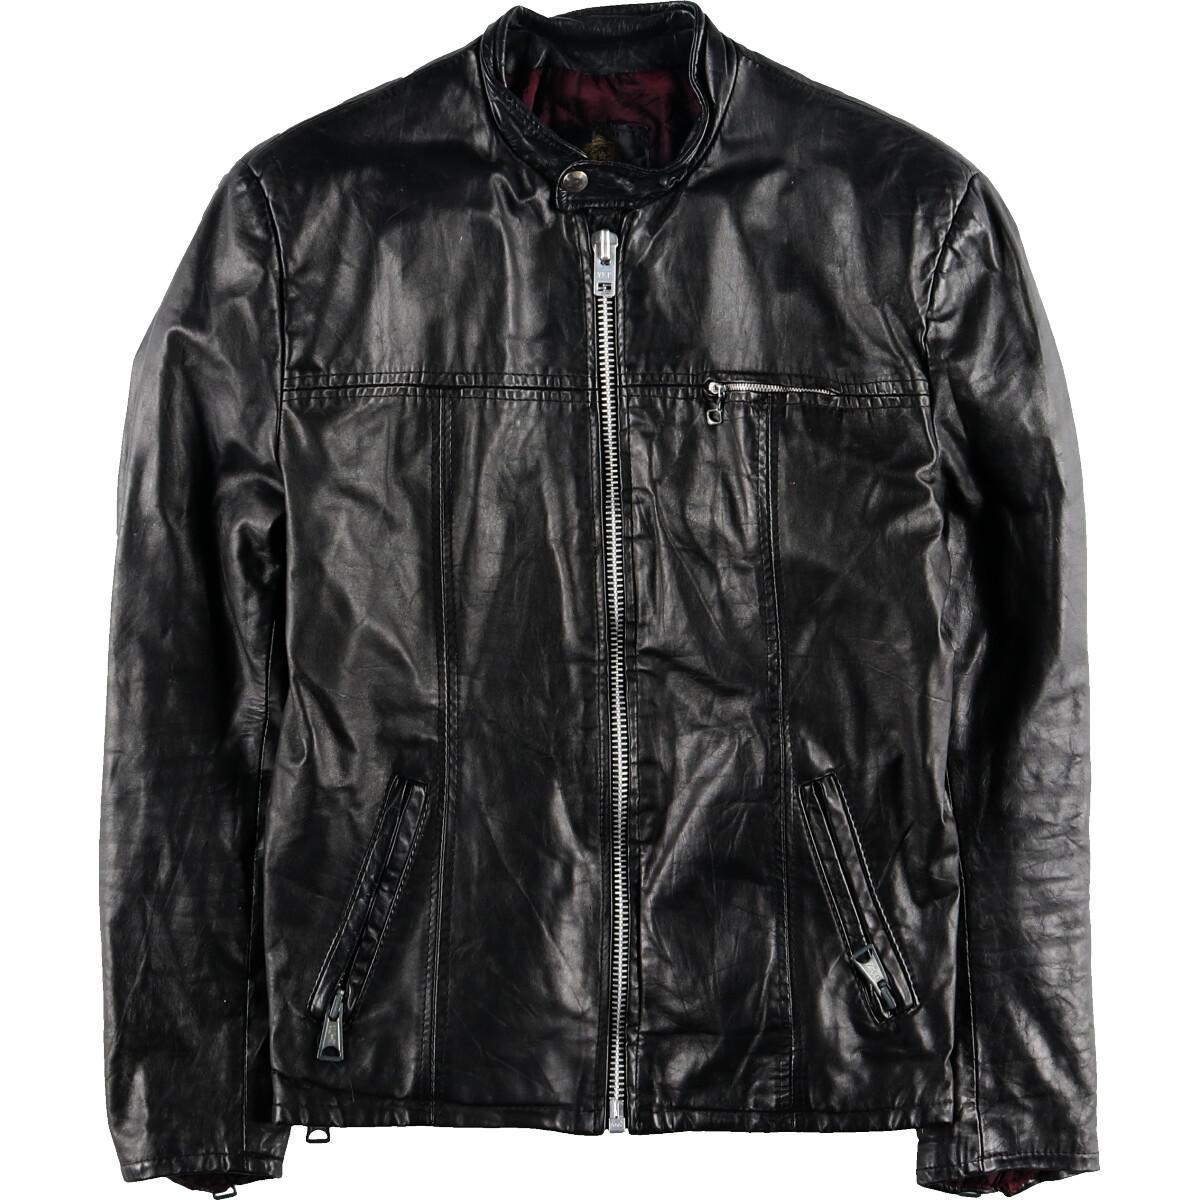 古着屋JAMのレザージャケット